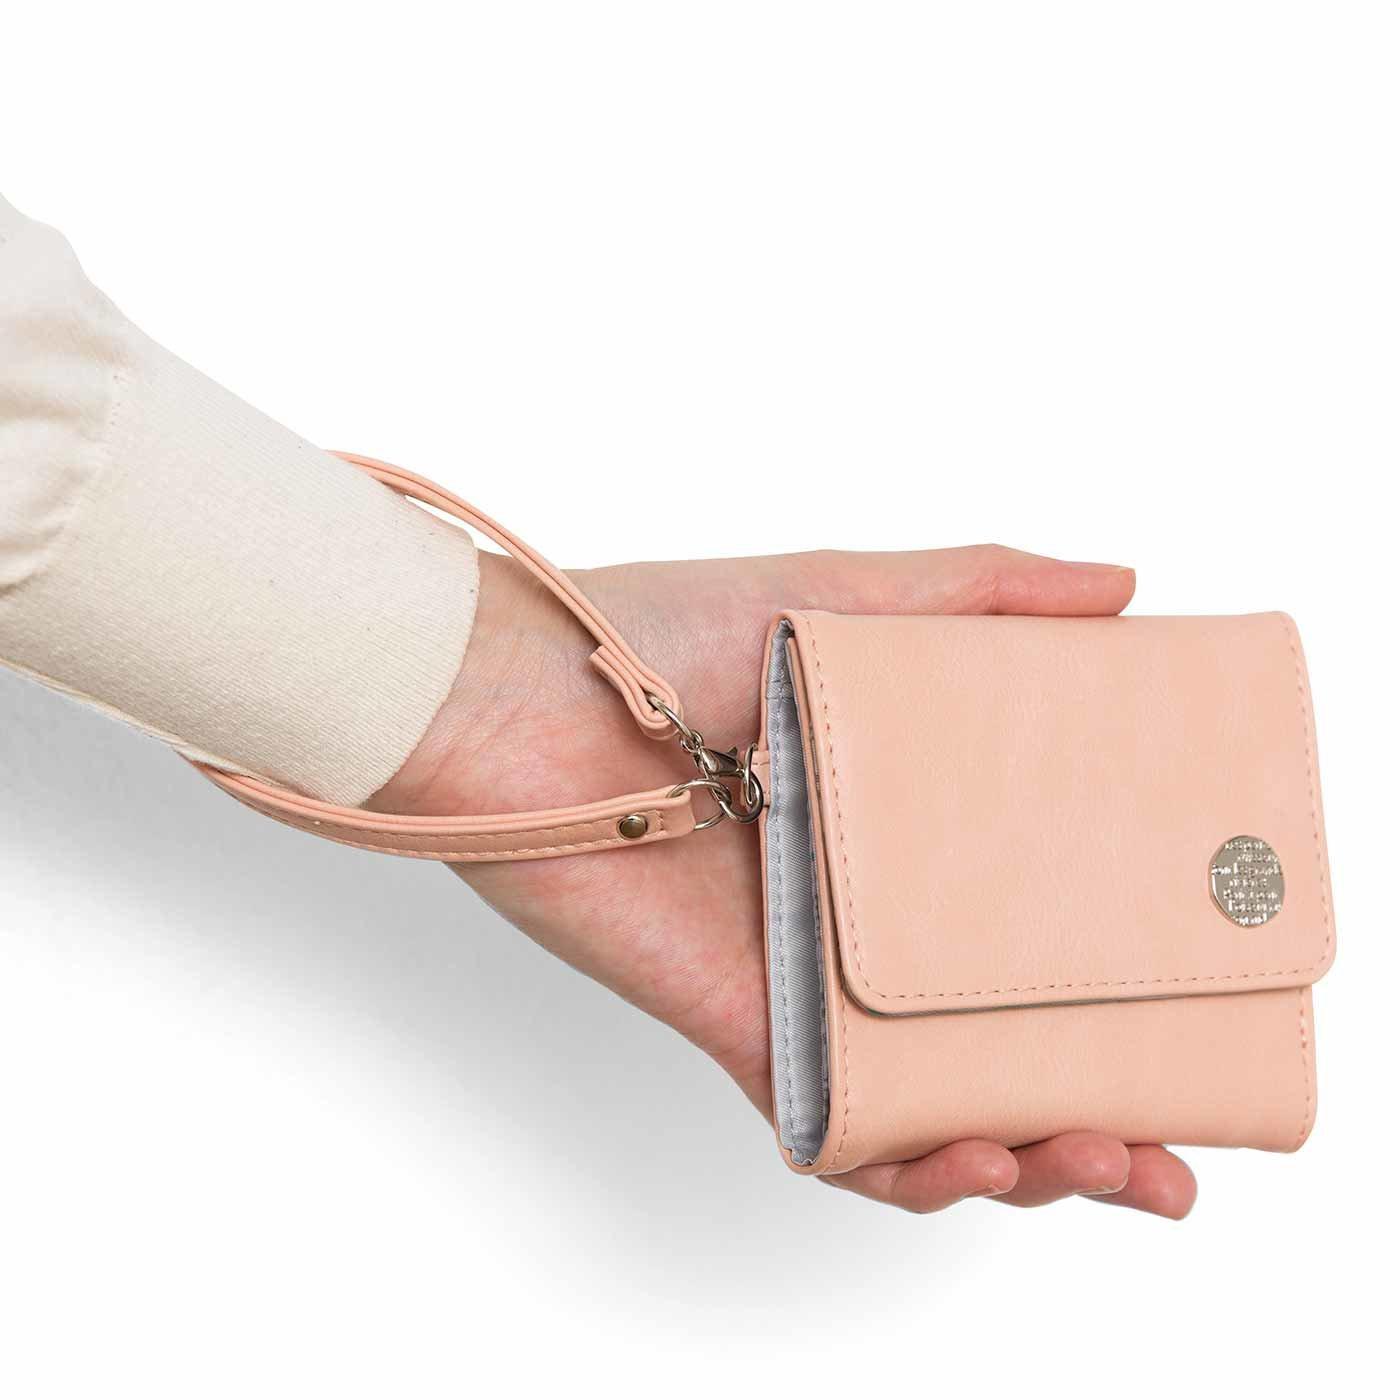 日々の暮らしに寄り添う 大人かわいい手のり財布の会